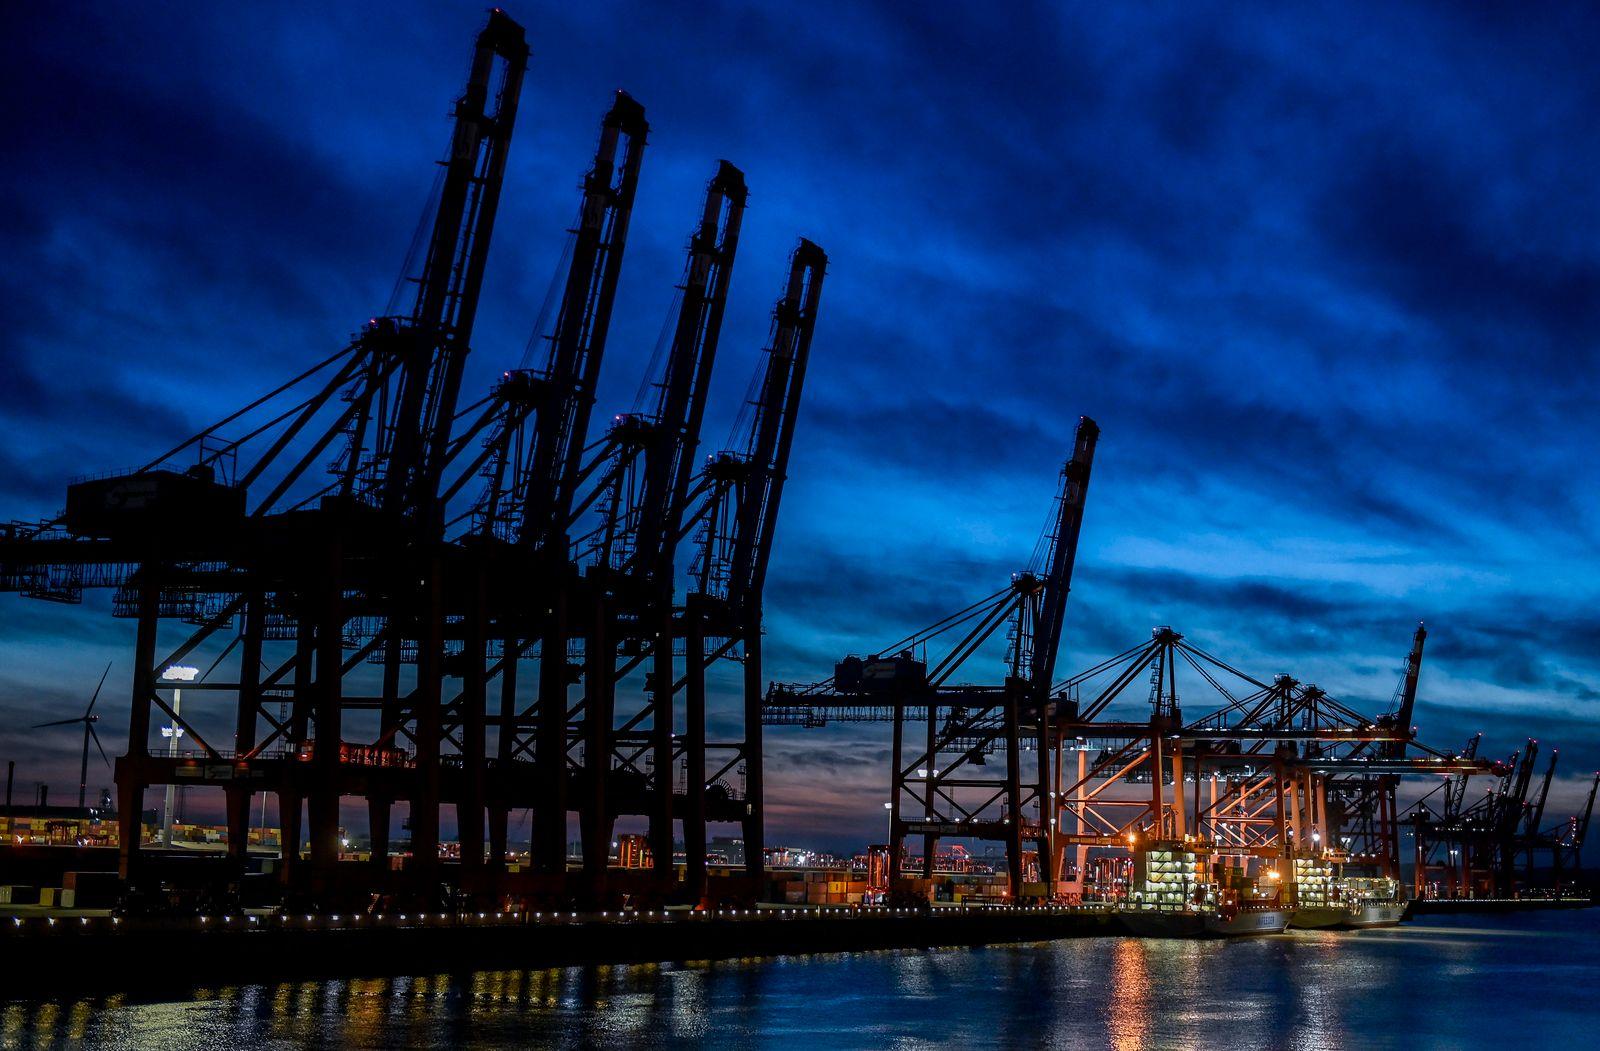 Hamburger Hafen - HHLA - Jahreszahlen